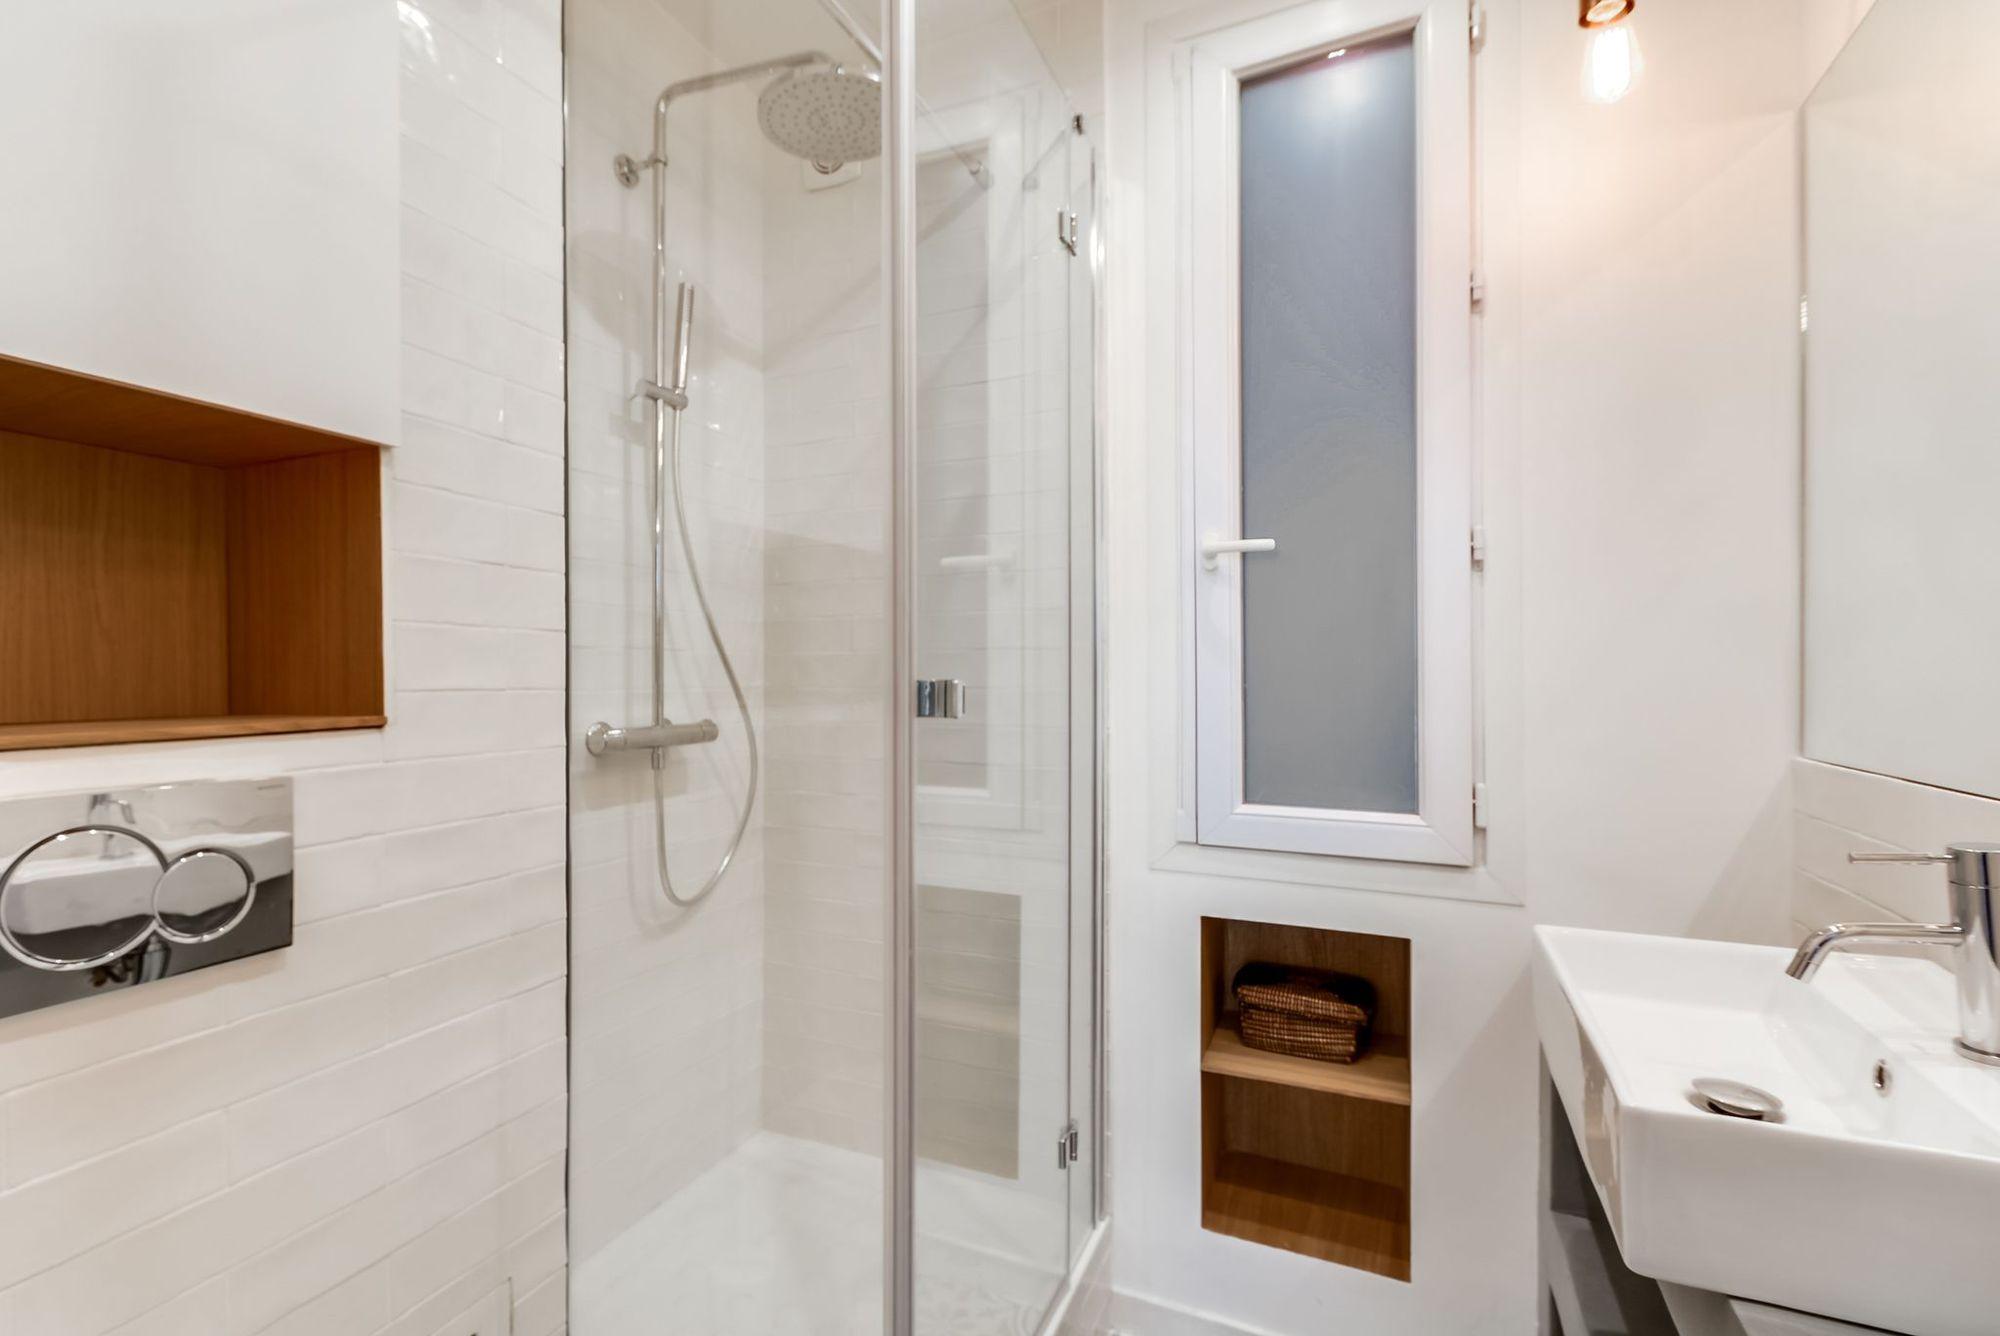 salle-de-bains-blanche-et-niches-en-bois_5588157